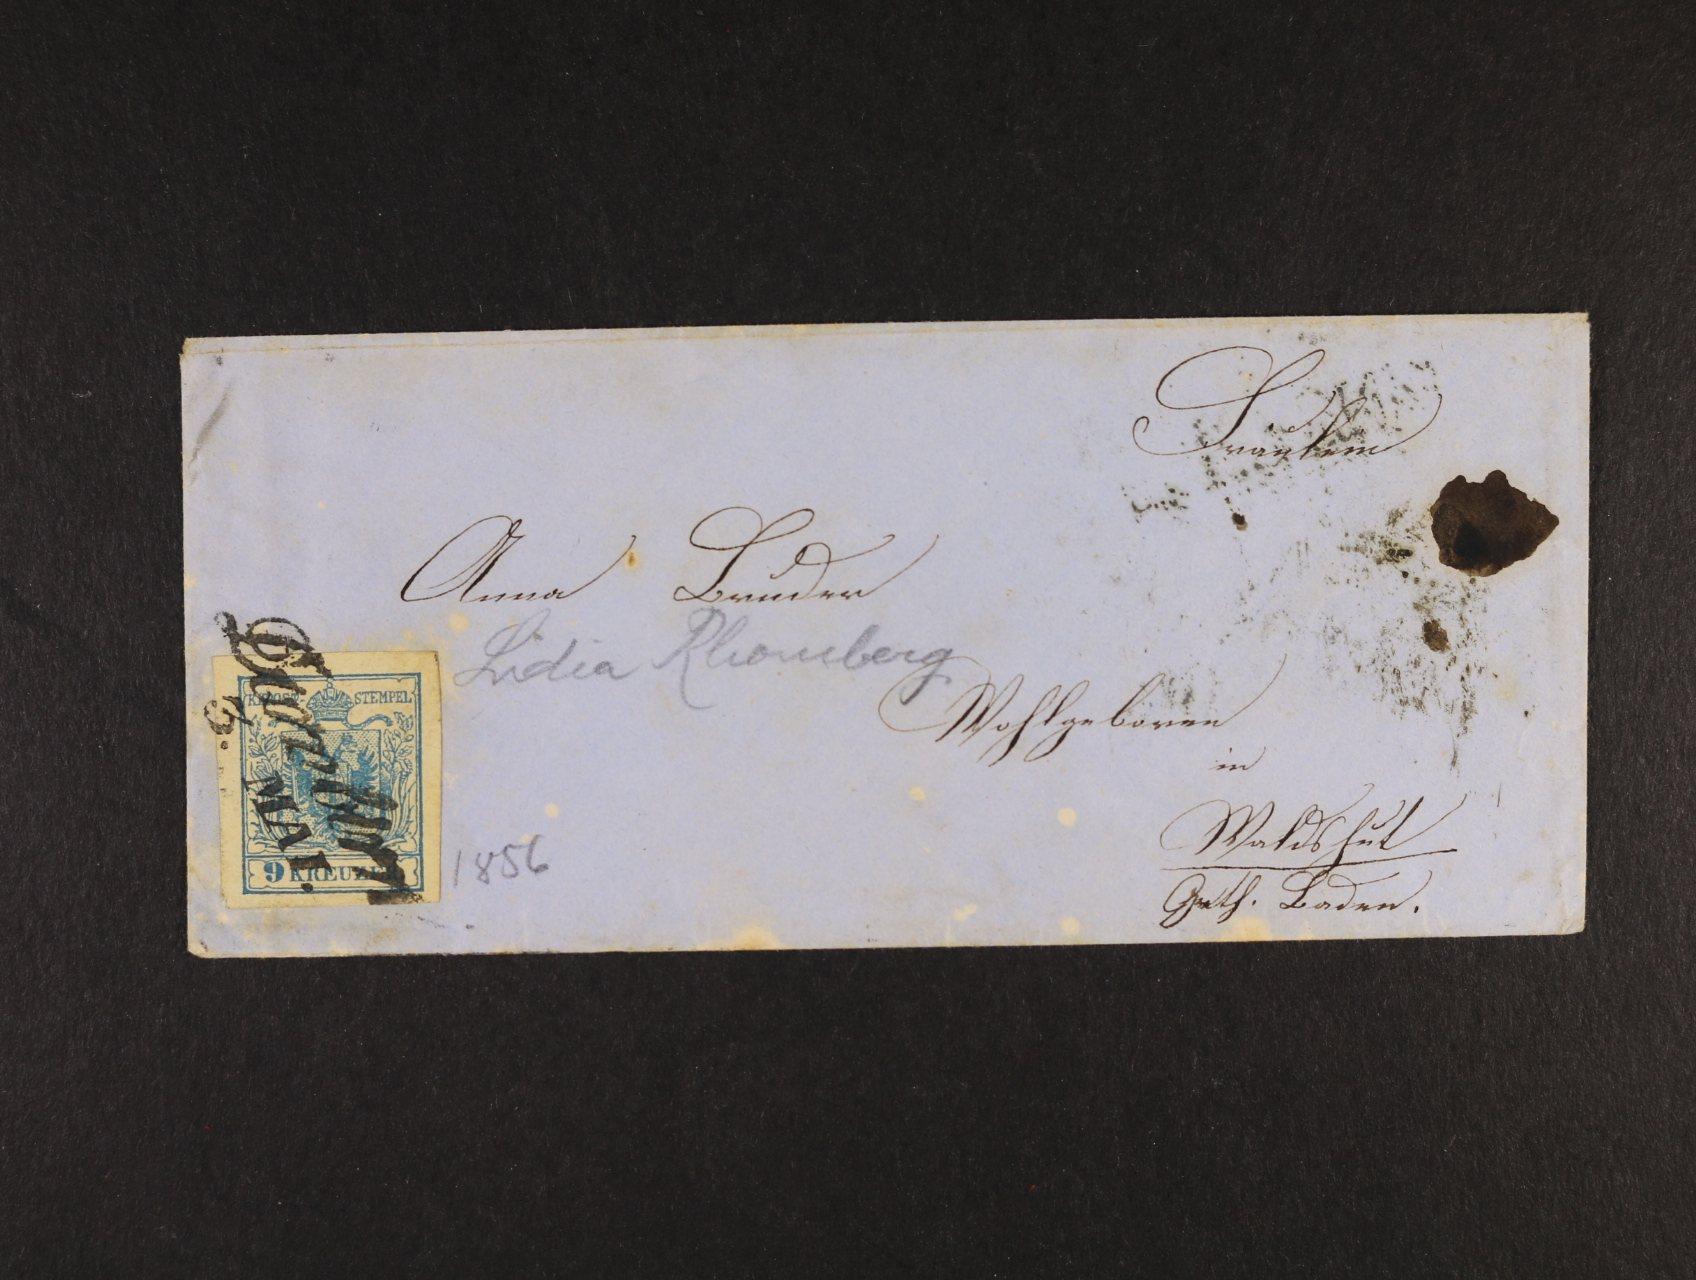 obálka malého formátu z r. 156 frank. zn. Fe. č. 5, typ IIIa, pod. řádkové raz. Dornbirn 3. Mai, průch. a přích. raz.